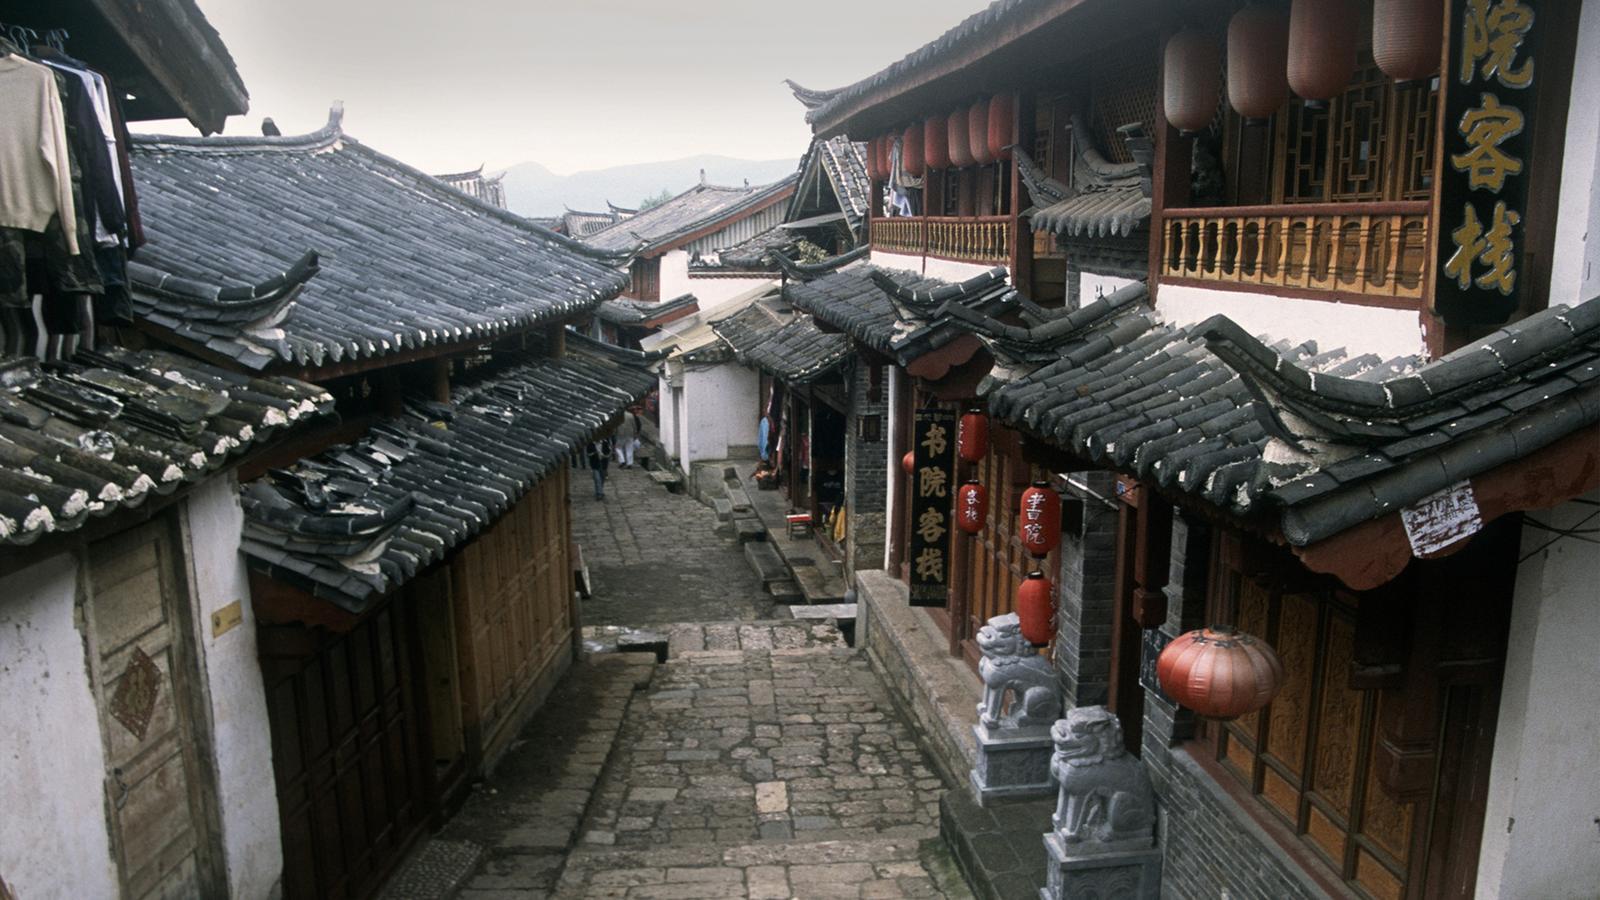 Lijang village in China